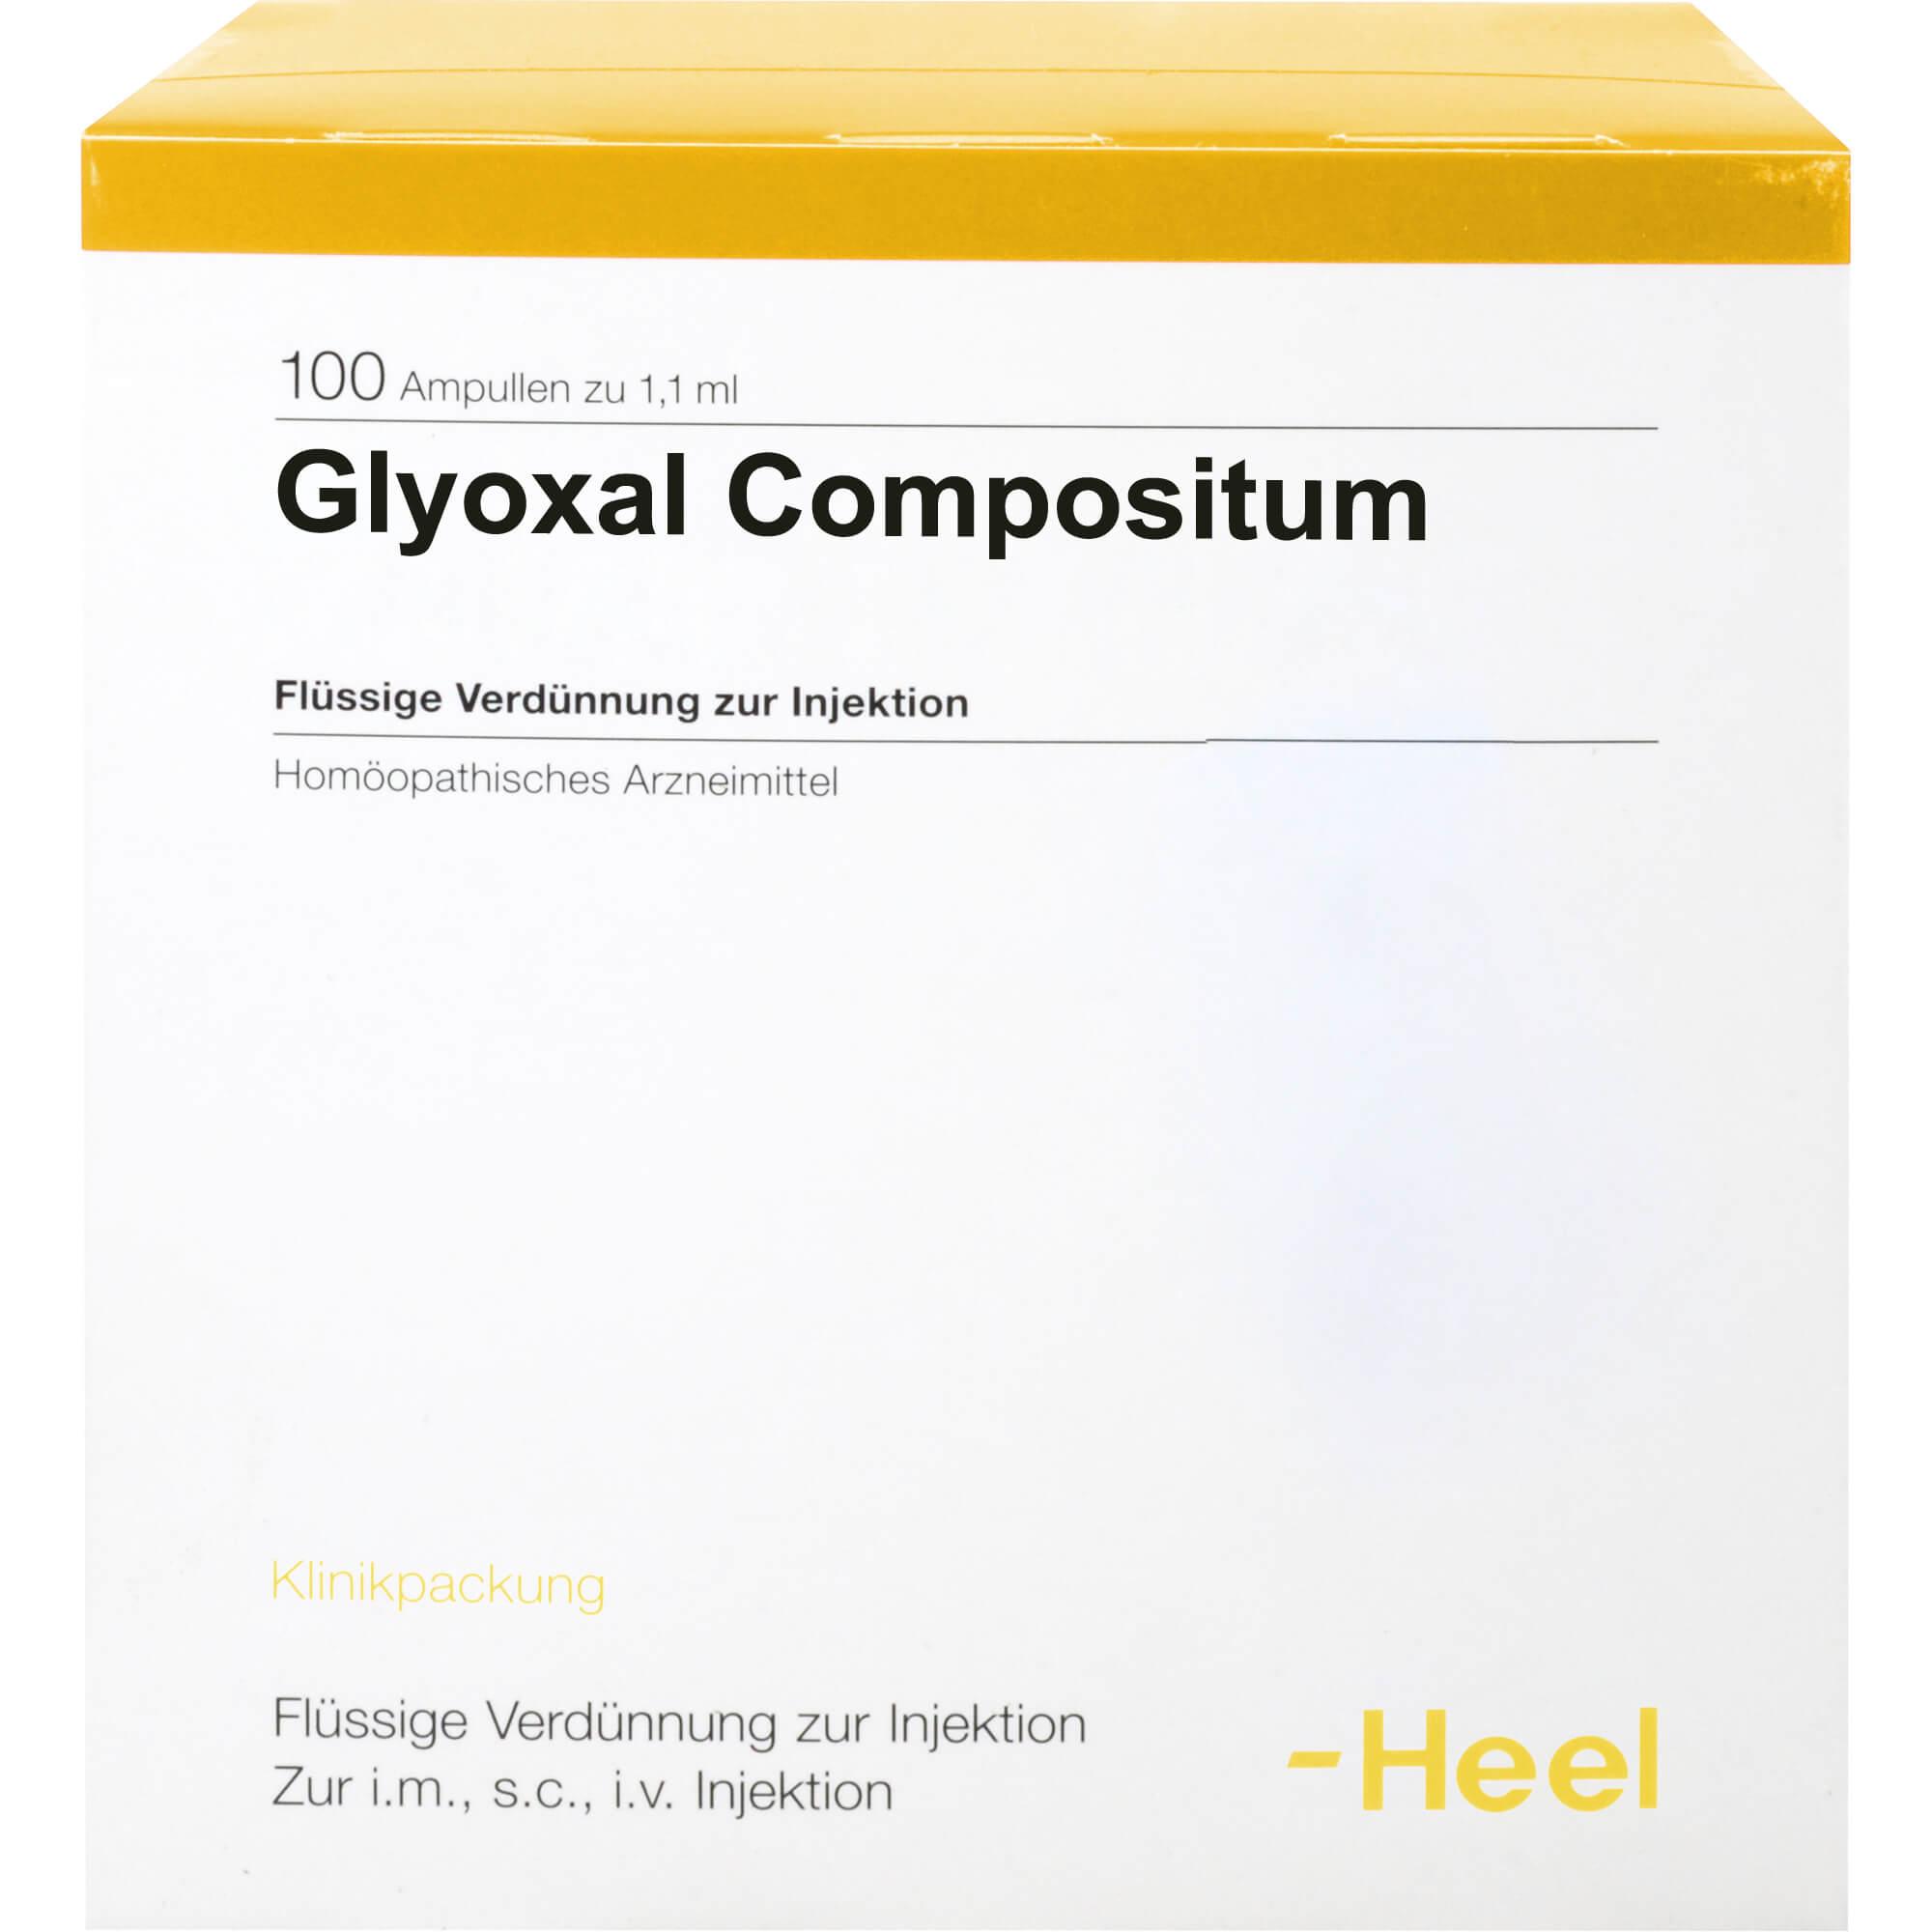 GLYOXAL-compositum-Ampullen